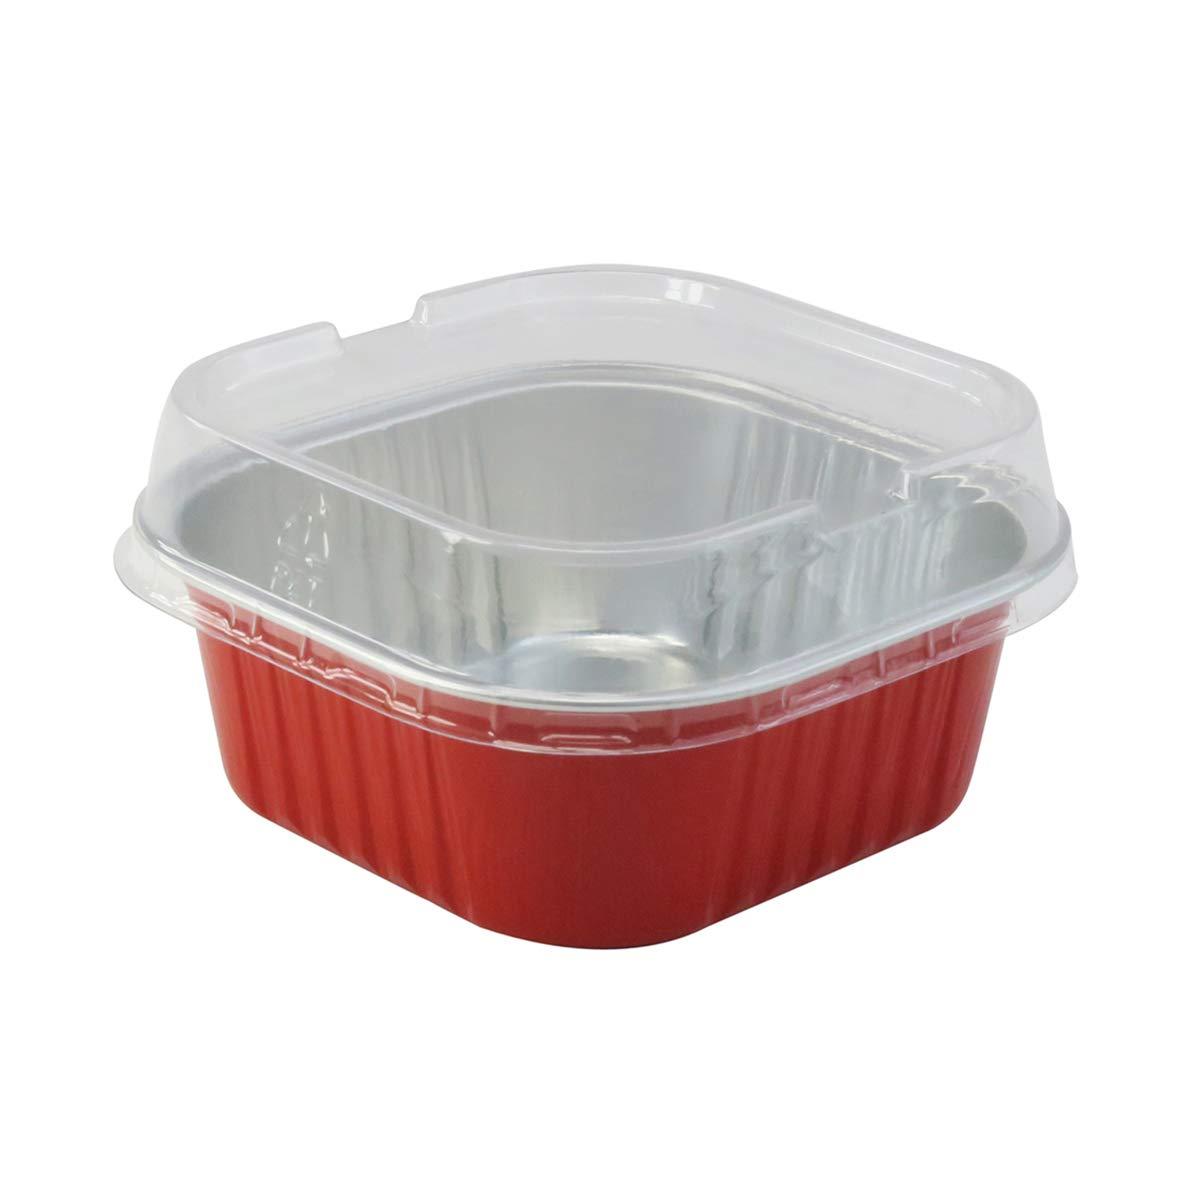 KitchenDance Disposable Aluminum 4'' x 4'' Square Dessert Pans W/Lids - #A-24P (500, Red)